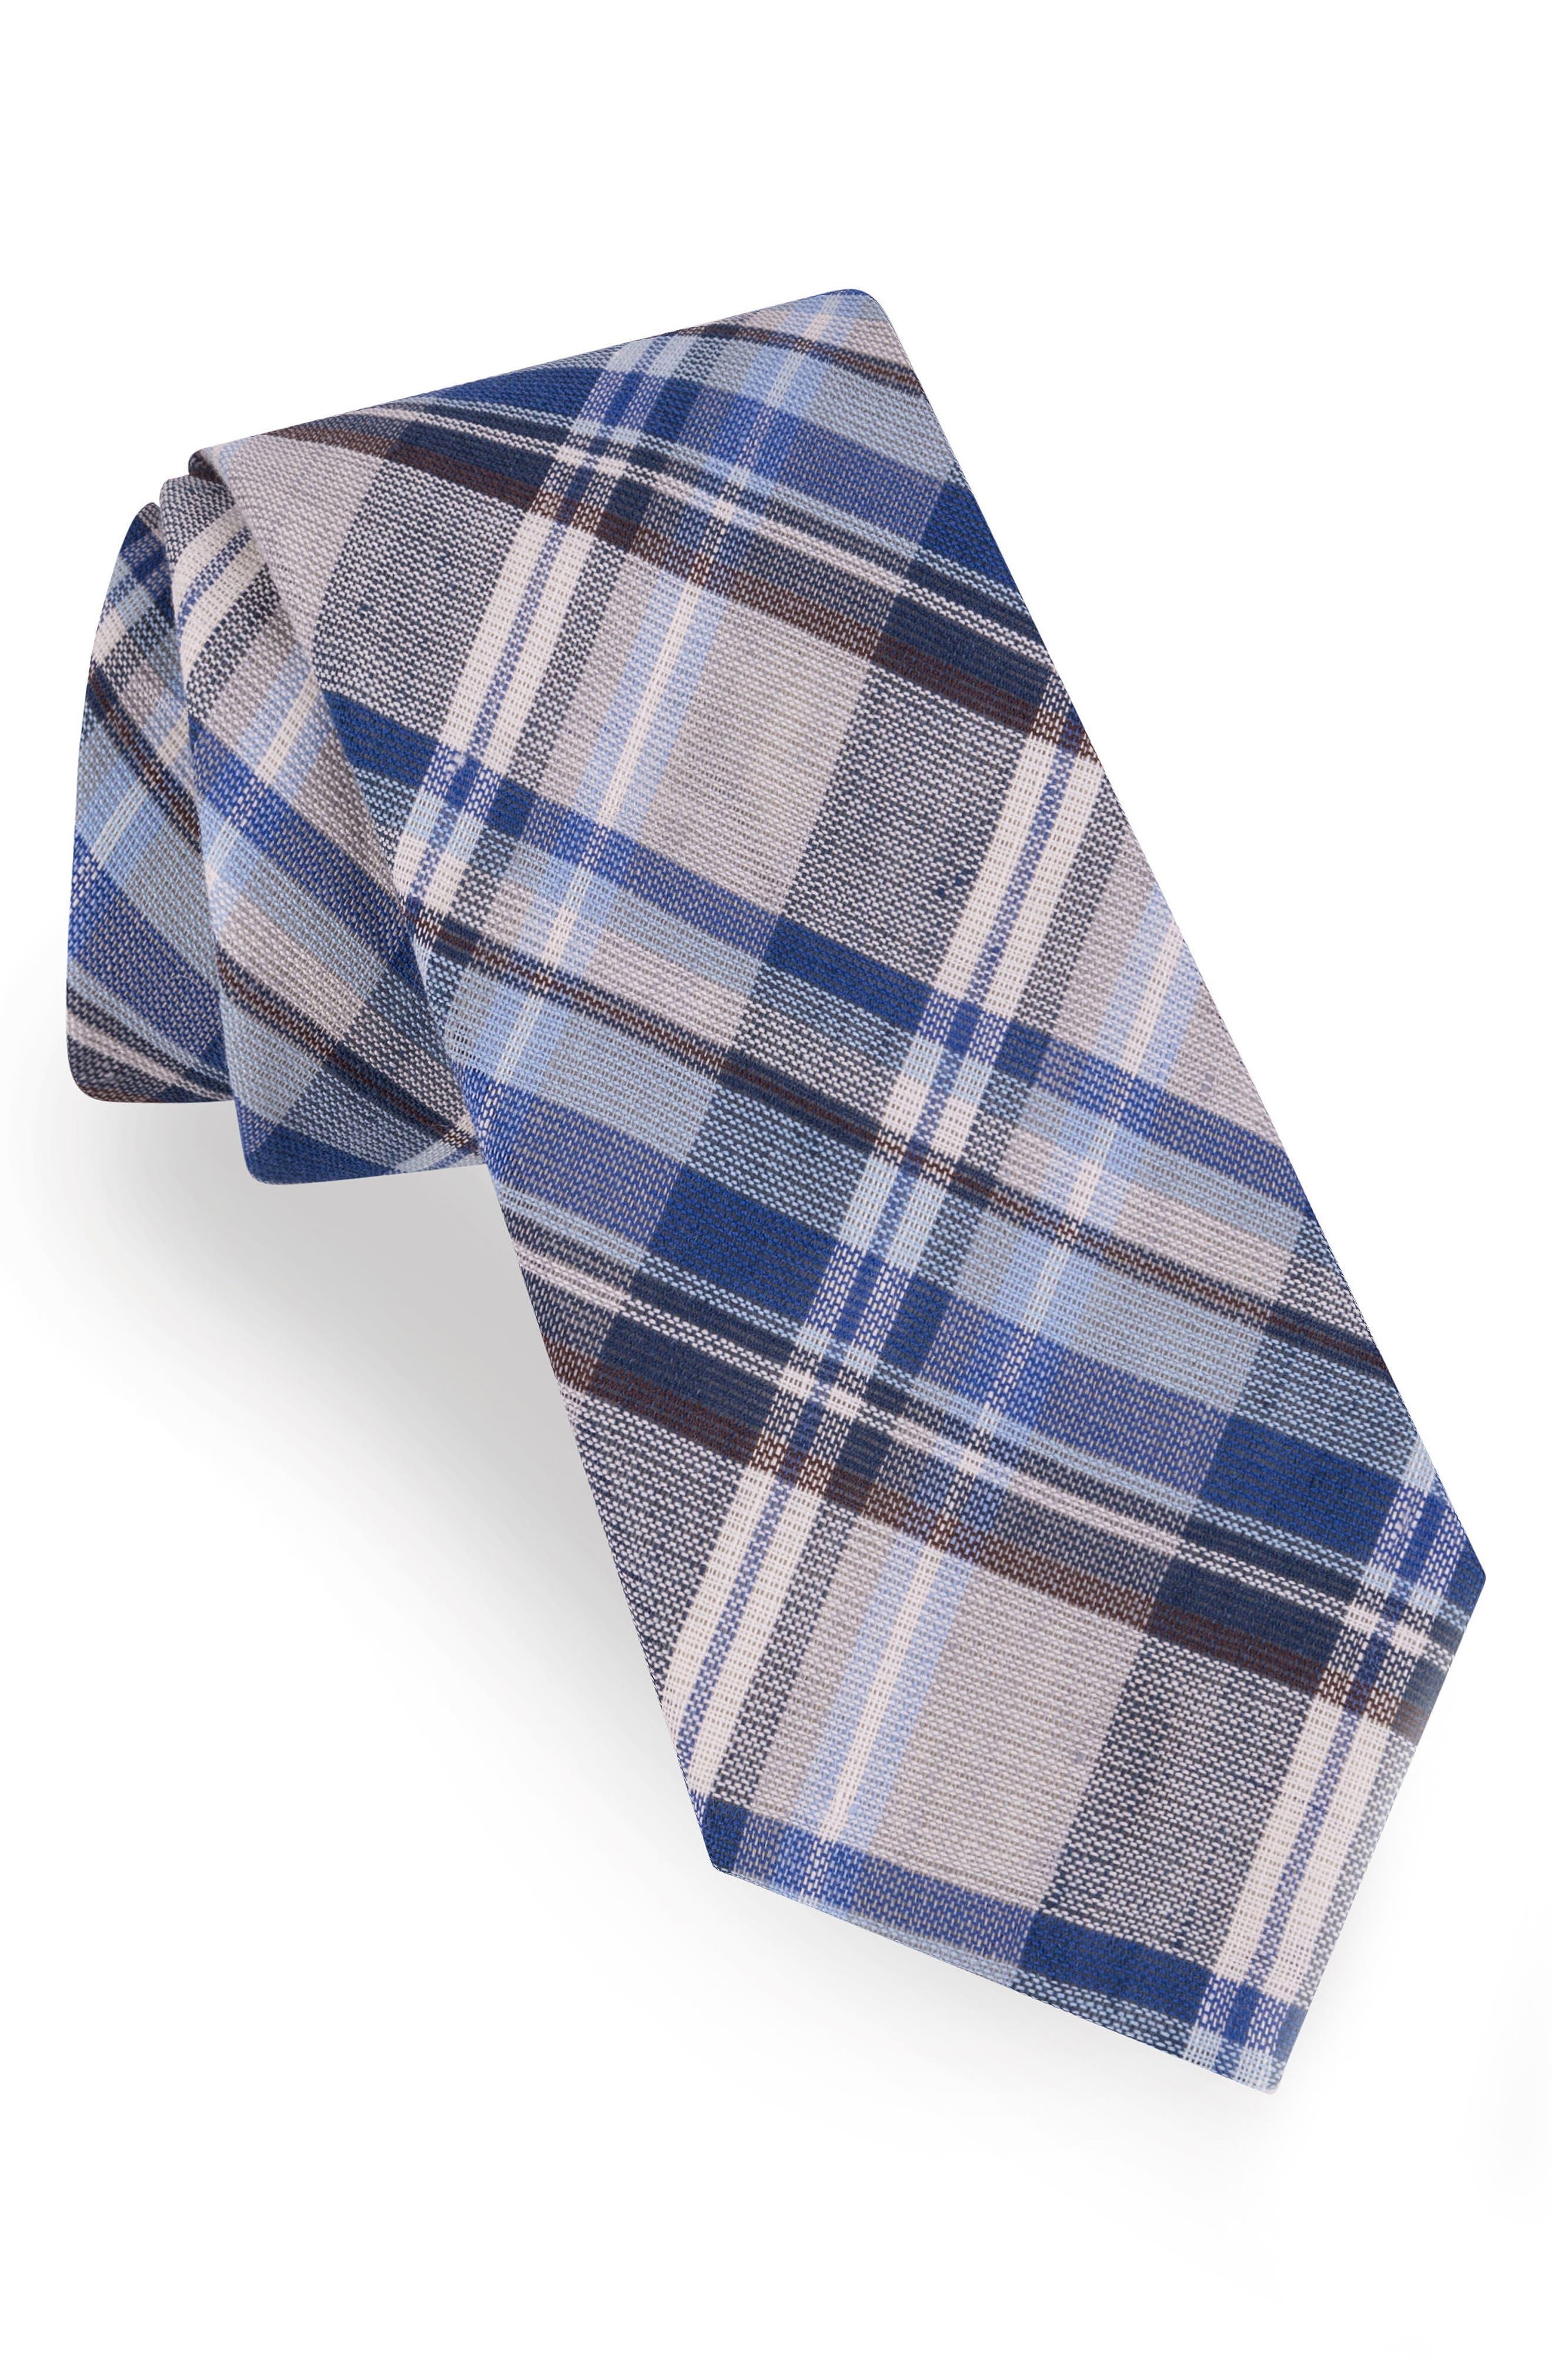 Plaid Cotton & Linen Tie,                         Main,                         color, 020